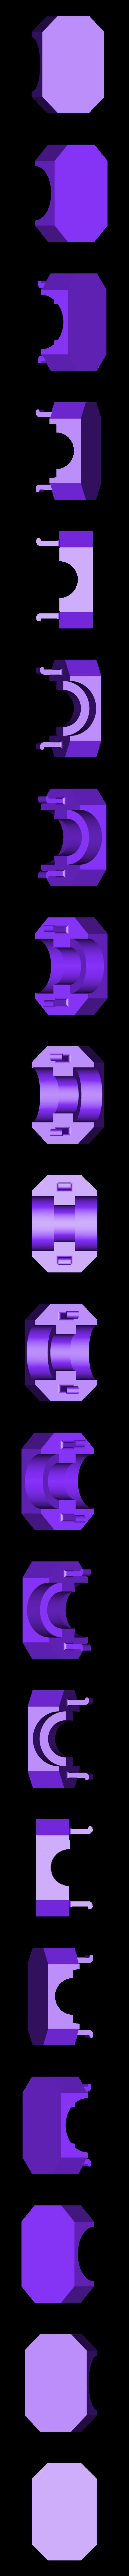 baseTop.stl Télécharger fichier STL gratuit Oldie Vice • Design pour impression 3D, AnsonB